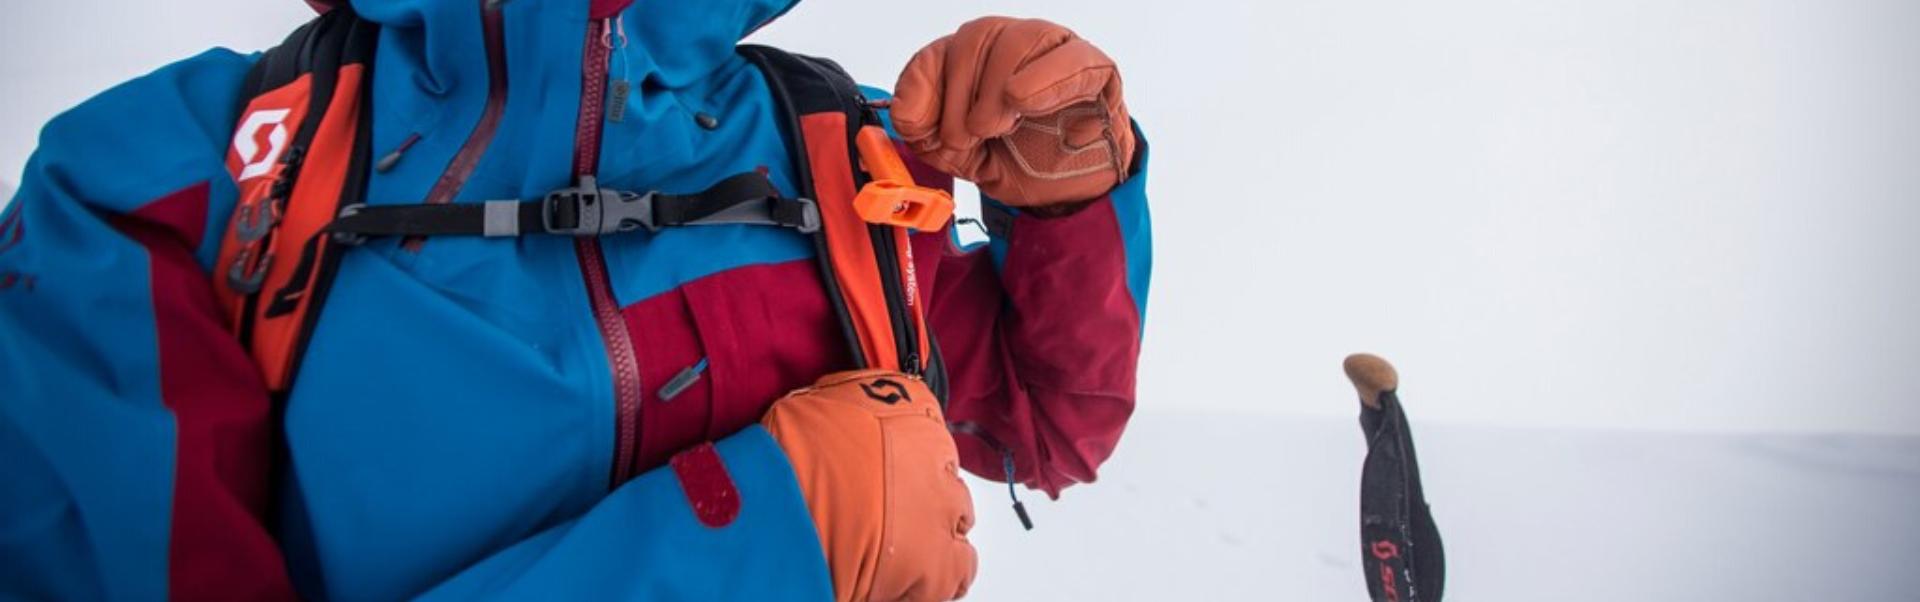 Pirštinės slidinėjimui